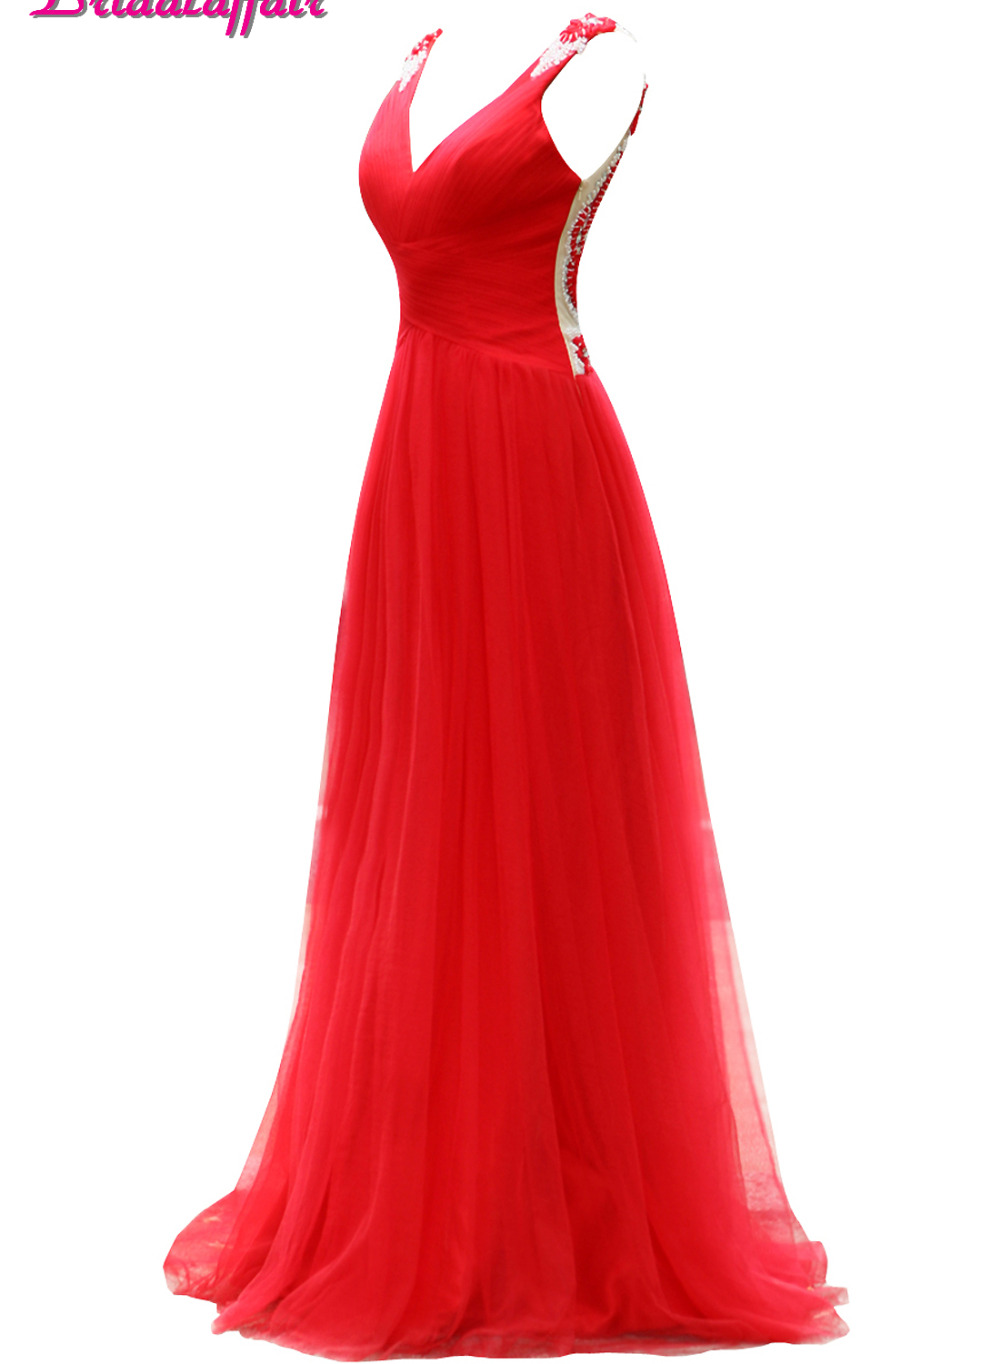 2017 Simple rouge robe de bal longues robes de bal en mousseline de soie robe dos nu robe abendkleider longues robes pour bal robe festa